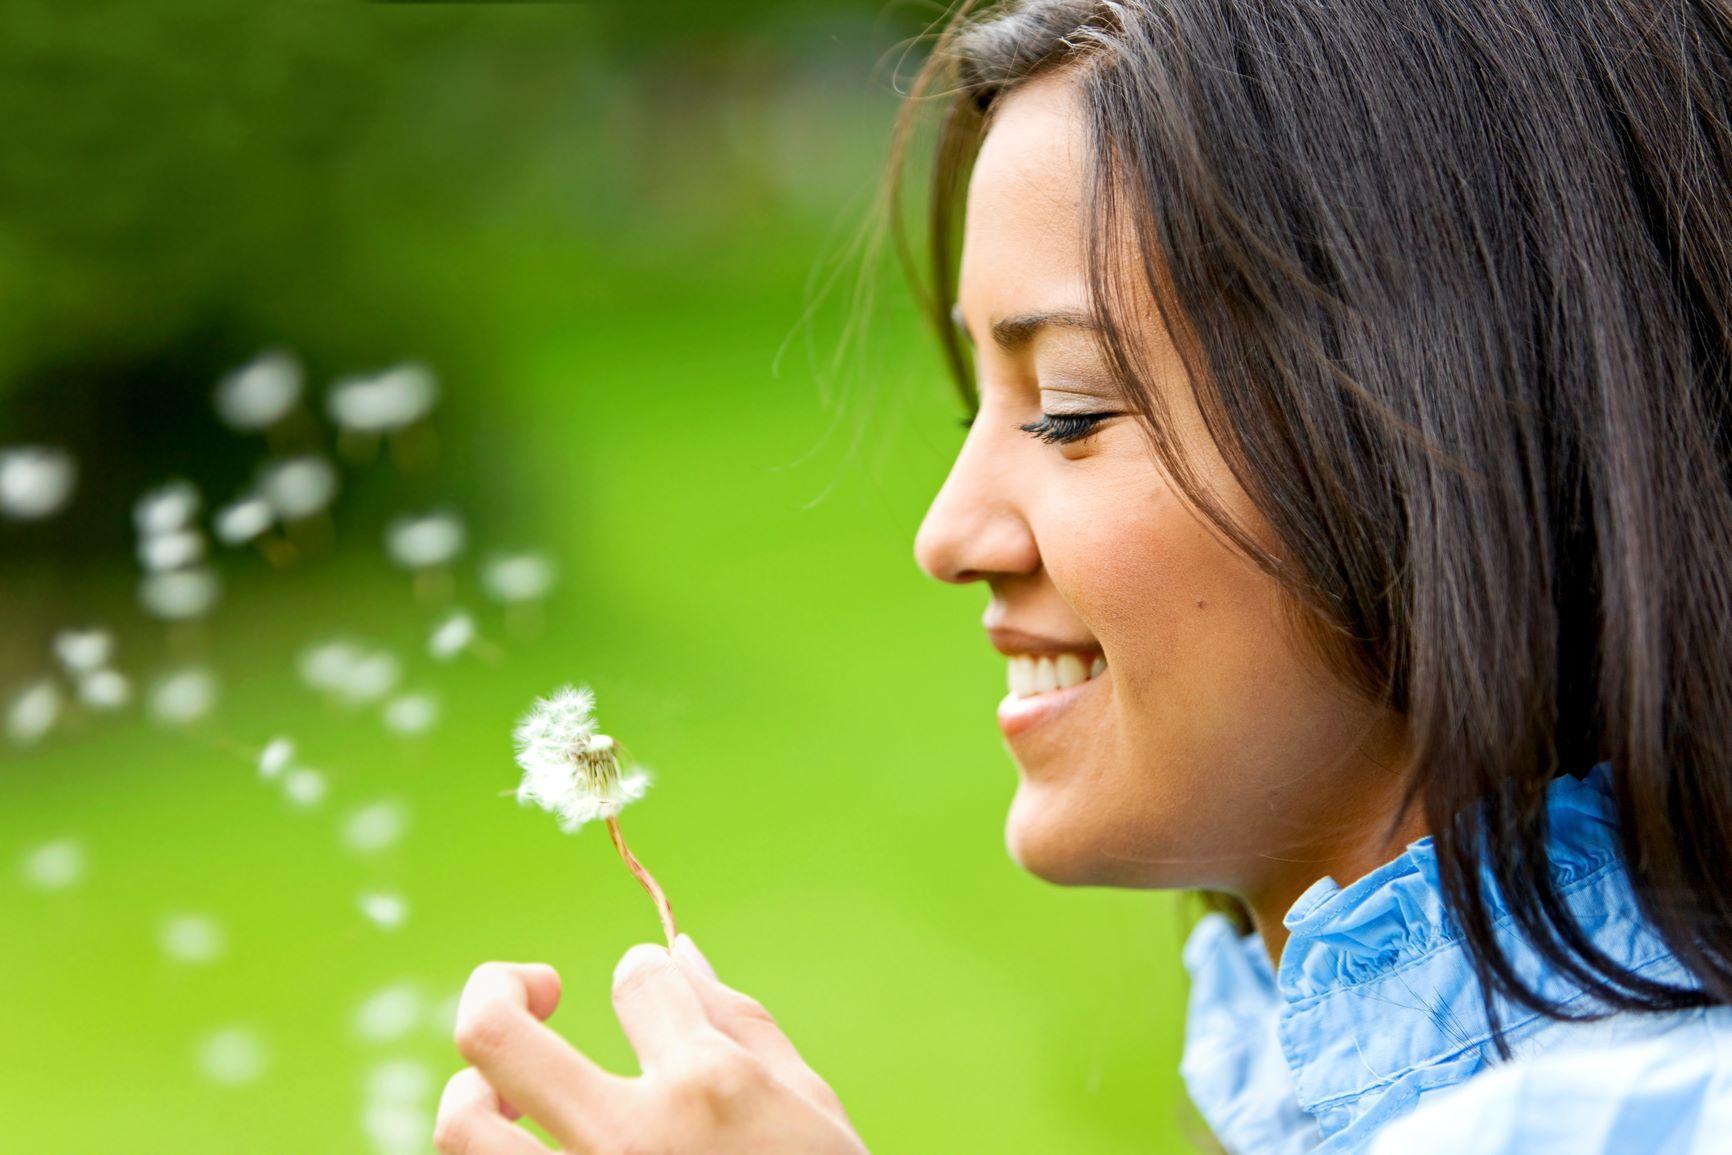 آلرژیهای فصل بهار با طب سوزنی درمان میشوند